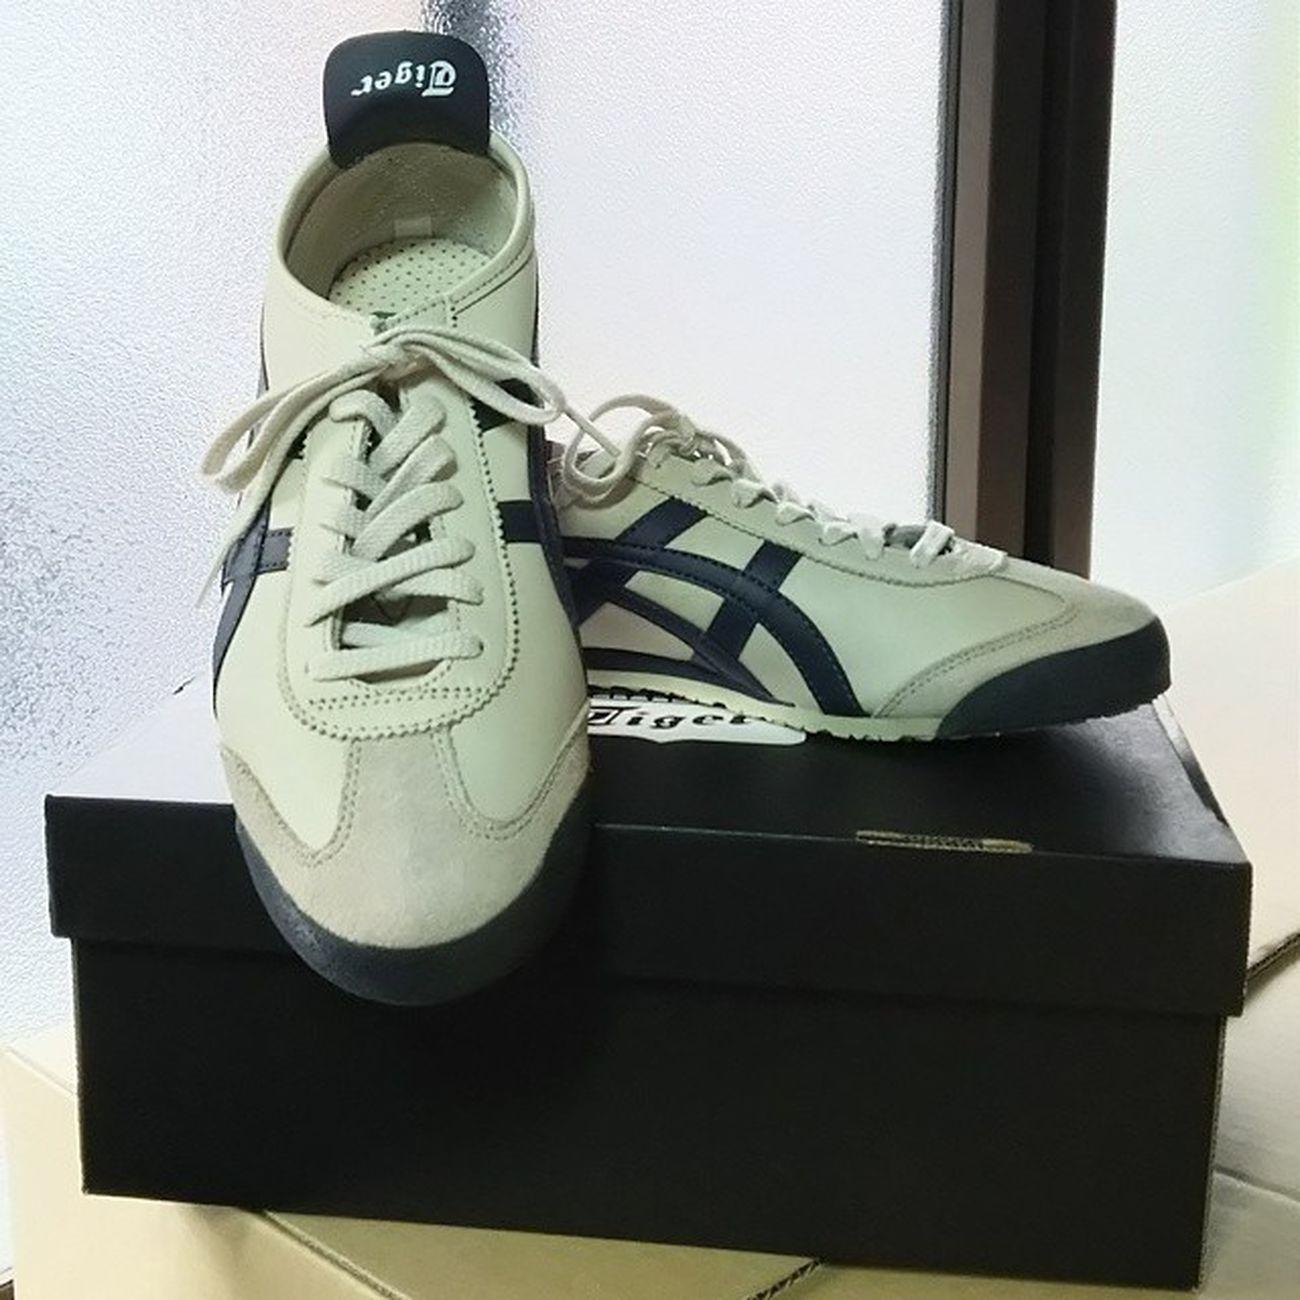 体育館シューズ…じゃなかった、 オニツカタイガーを手に入れました。 OnitsukaTiger オニツカタイガー メキシコ66 Mexico66 Shoes ジュース スニーカー Sneakers Fashion ファッション